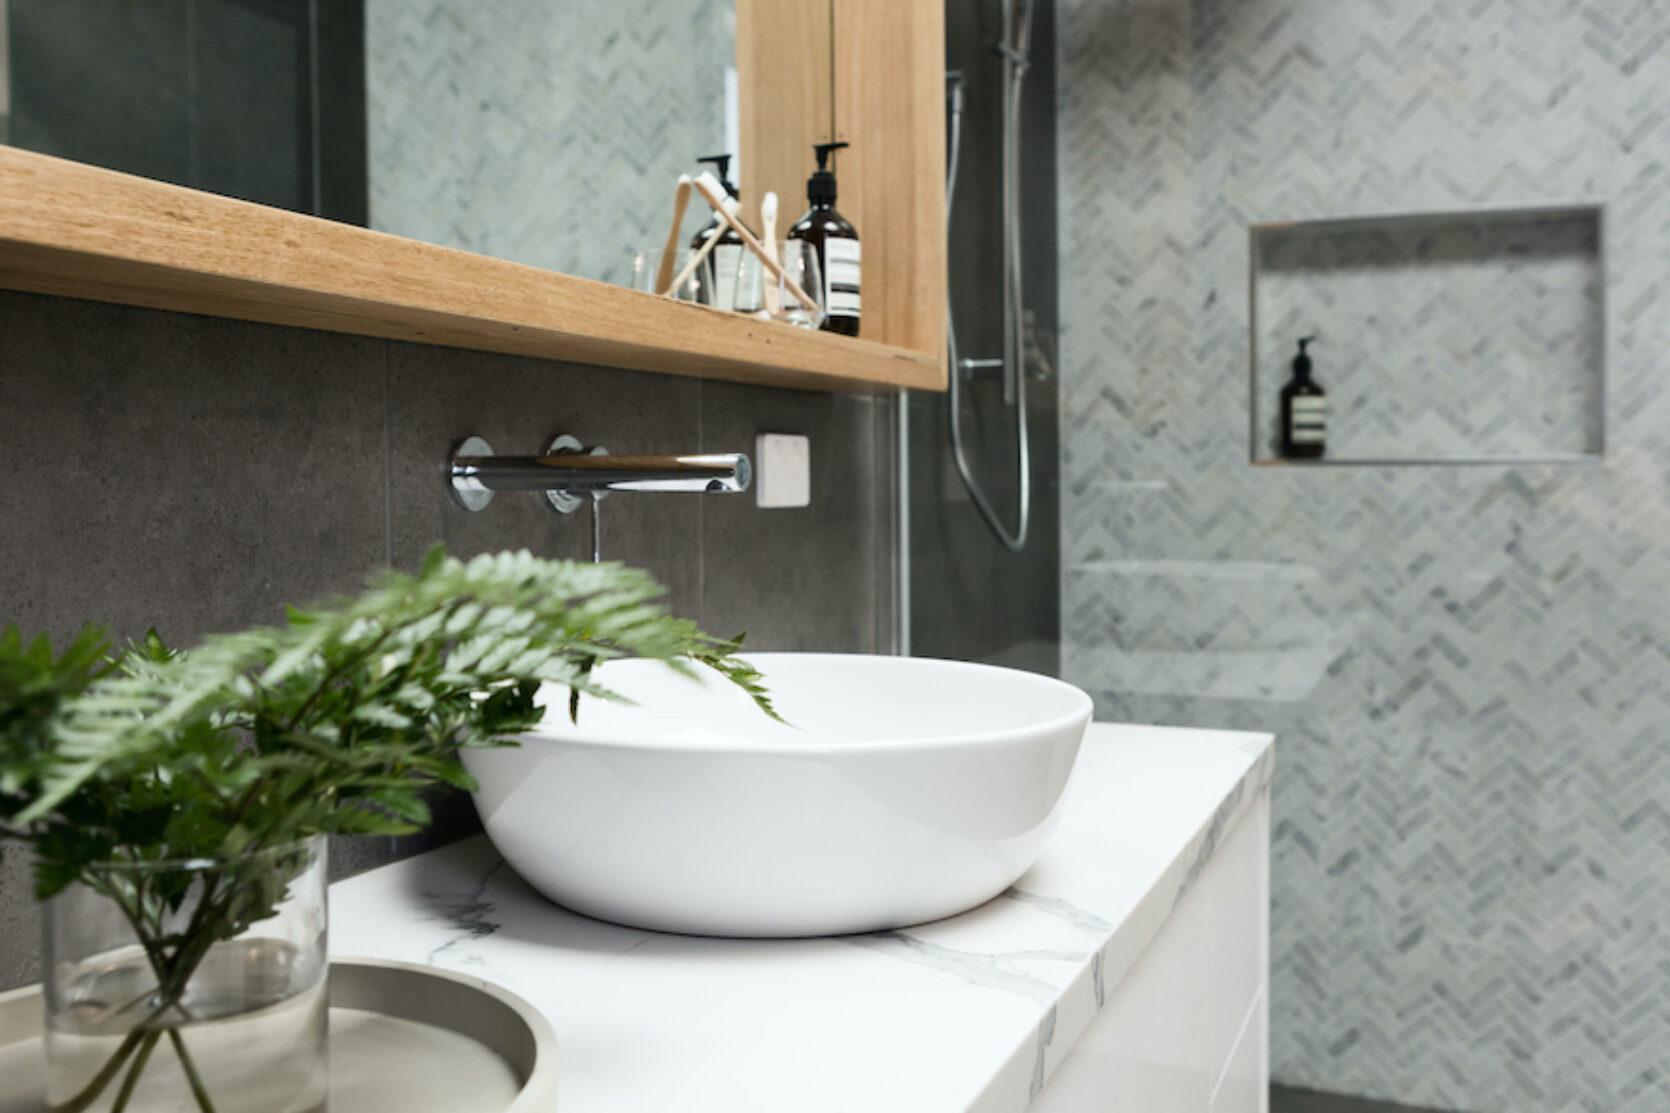 Pen baderomsinnredning med vask montert i benk av marmor